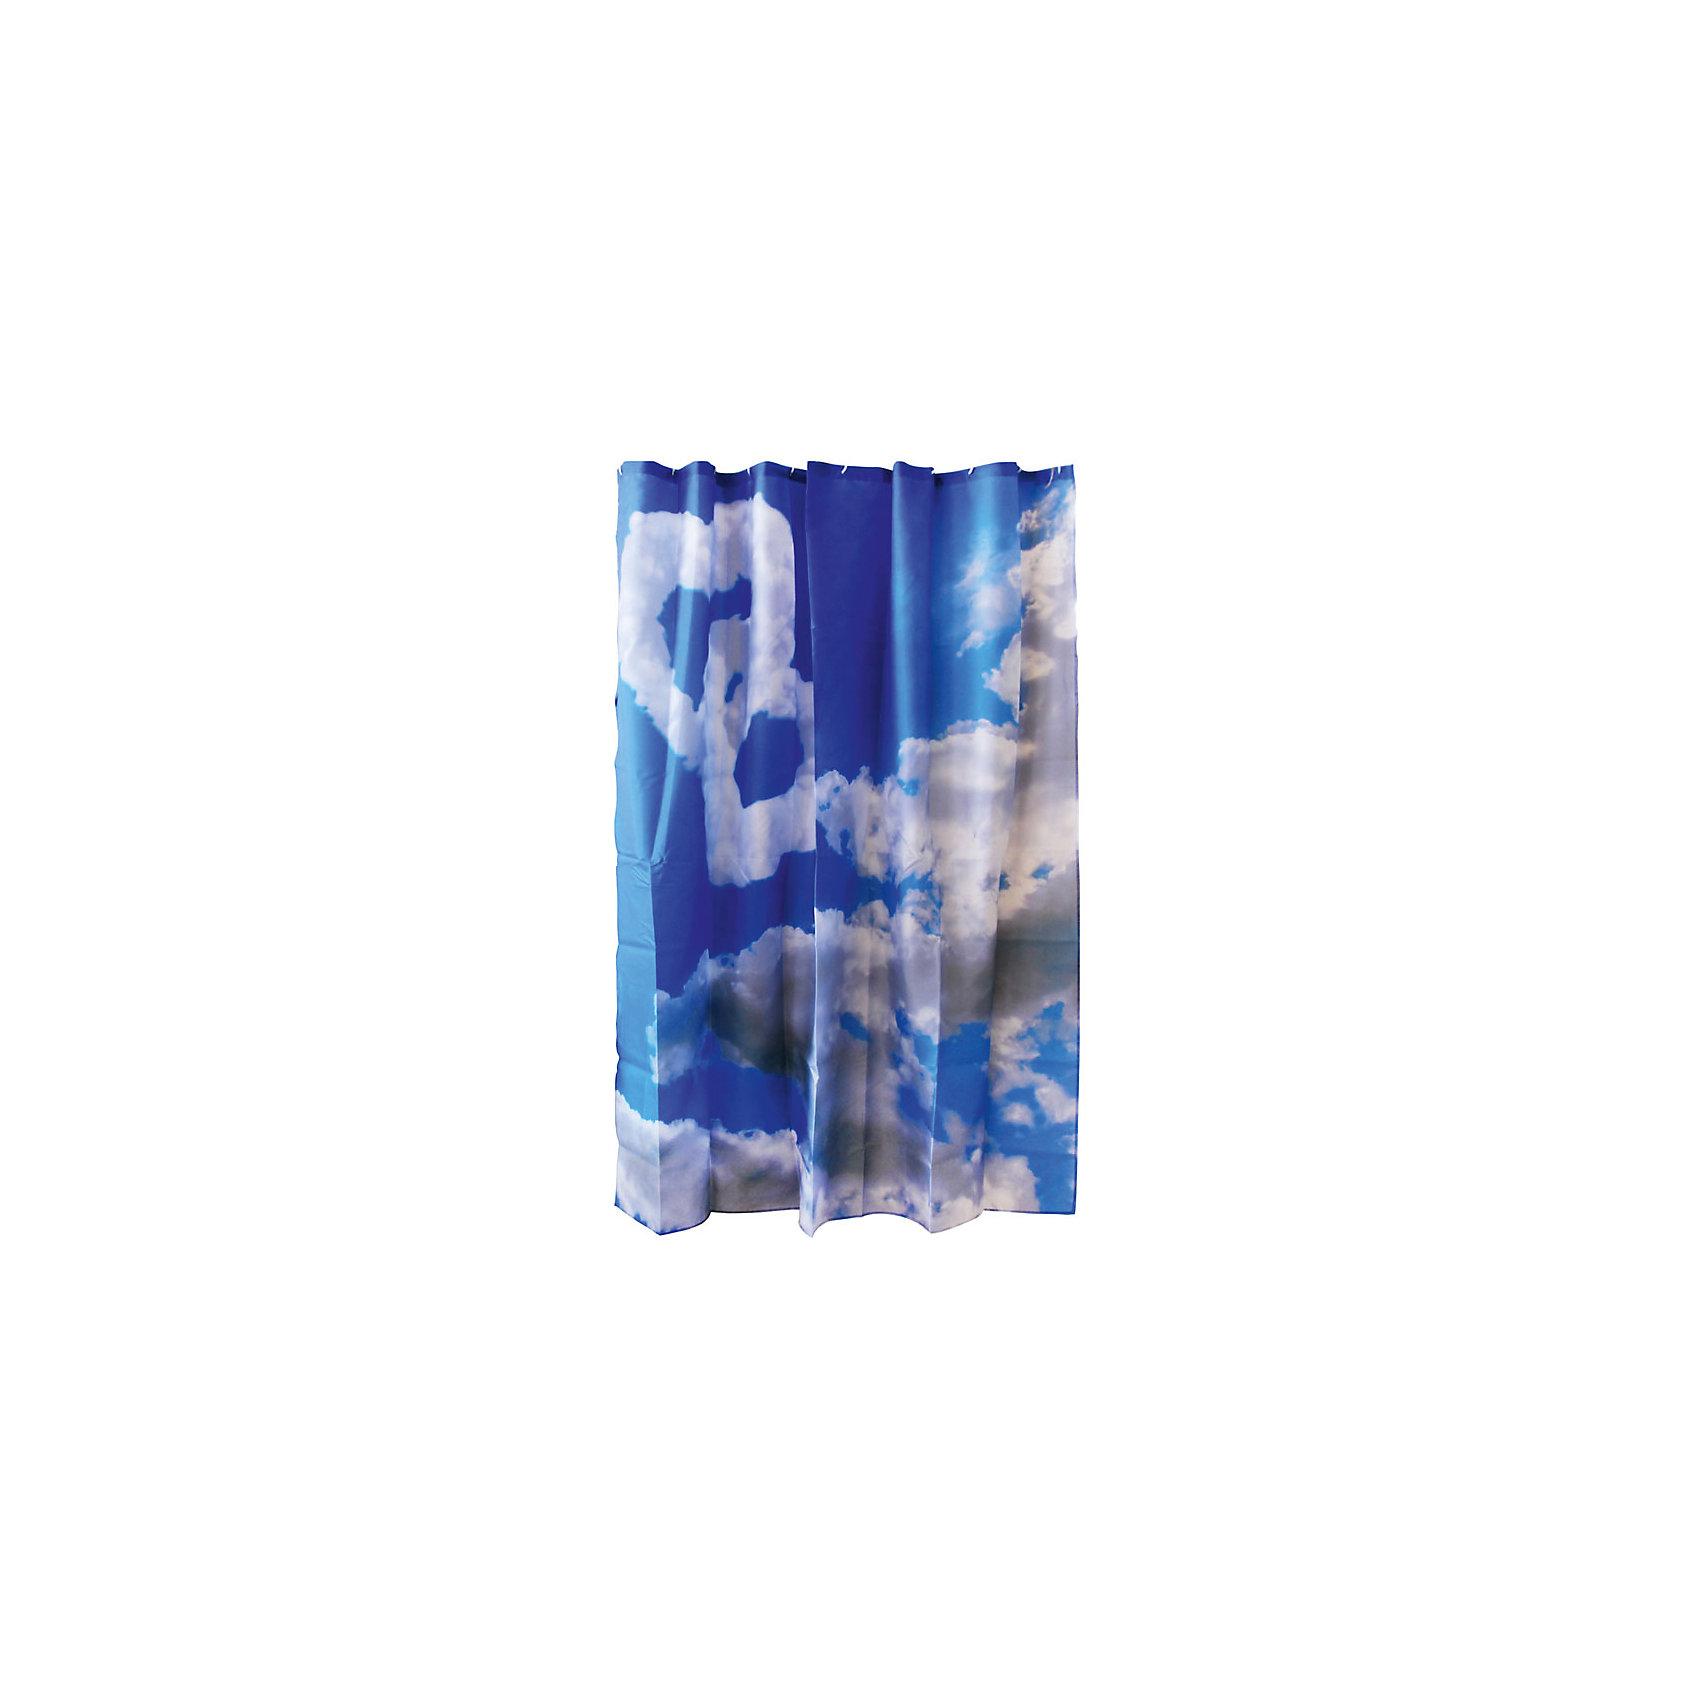 Занавеска для ванной Curtain-Clouds Облака, 180*180см, Рыжий КотЗанавеска для ванной не только ободрит владельца, но и защитит пол в ванной от разбрызгивания воды. Занавеска с печатным рисунком голубого неба подвешивается на пластиковые кольца, которые входят в комплект набора «Рыжий кот» в количестве 12 штук. <br><br>Дополнительная информация:<br><br>Размер: 180х180 см<br>Материал: 100% полиэстер с водоотталкивающим покрытием<br>Упаковка: ПВХ пакет с крючком<br><br>Занавеску для ванной Curtain-Clouds Облака, 180*180см, Рыжий Кот можно купить в нашем интернет-магазине.<br><br>Ширина мм: 1790<br>Глубина мм: 1780<br>Высота мм: 50<br>Вес г: 406<br>Возраст от месяцев: 36<br>Возраст до месяцев: 1080<br>Пол: Унисекс<br>Возраст: Детский<br>SKU: 4989825